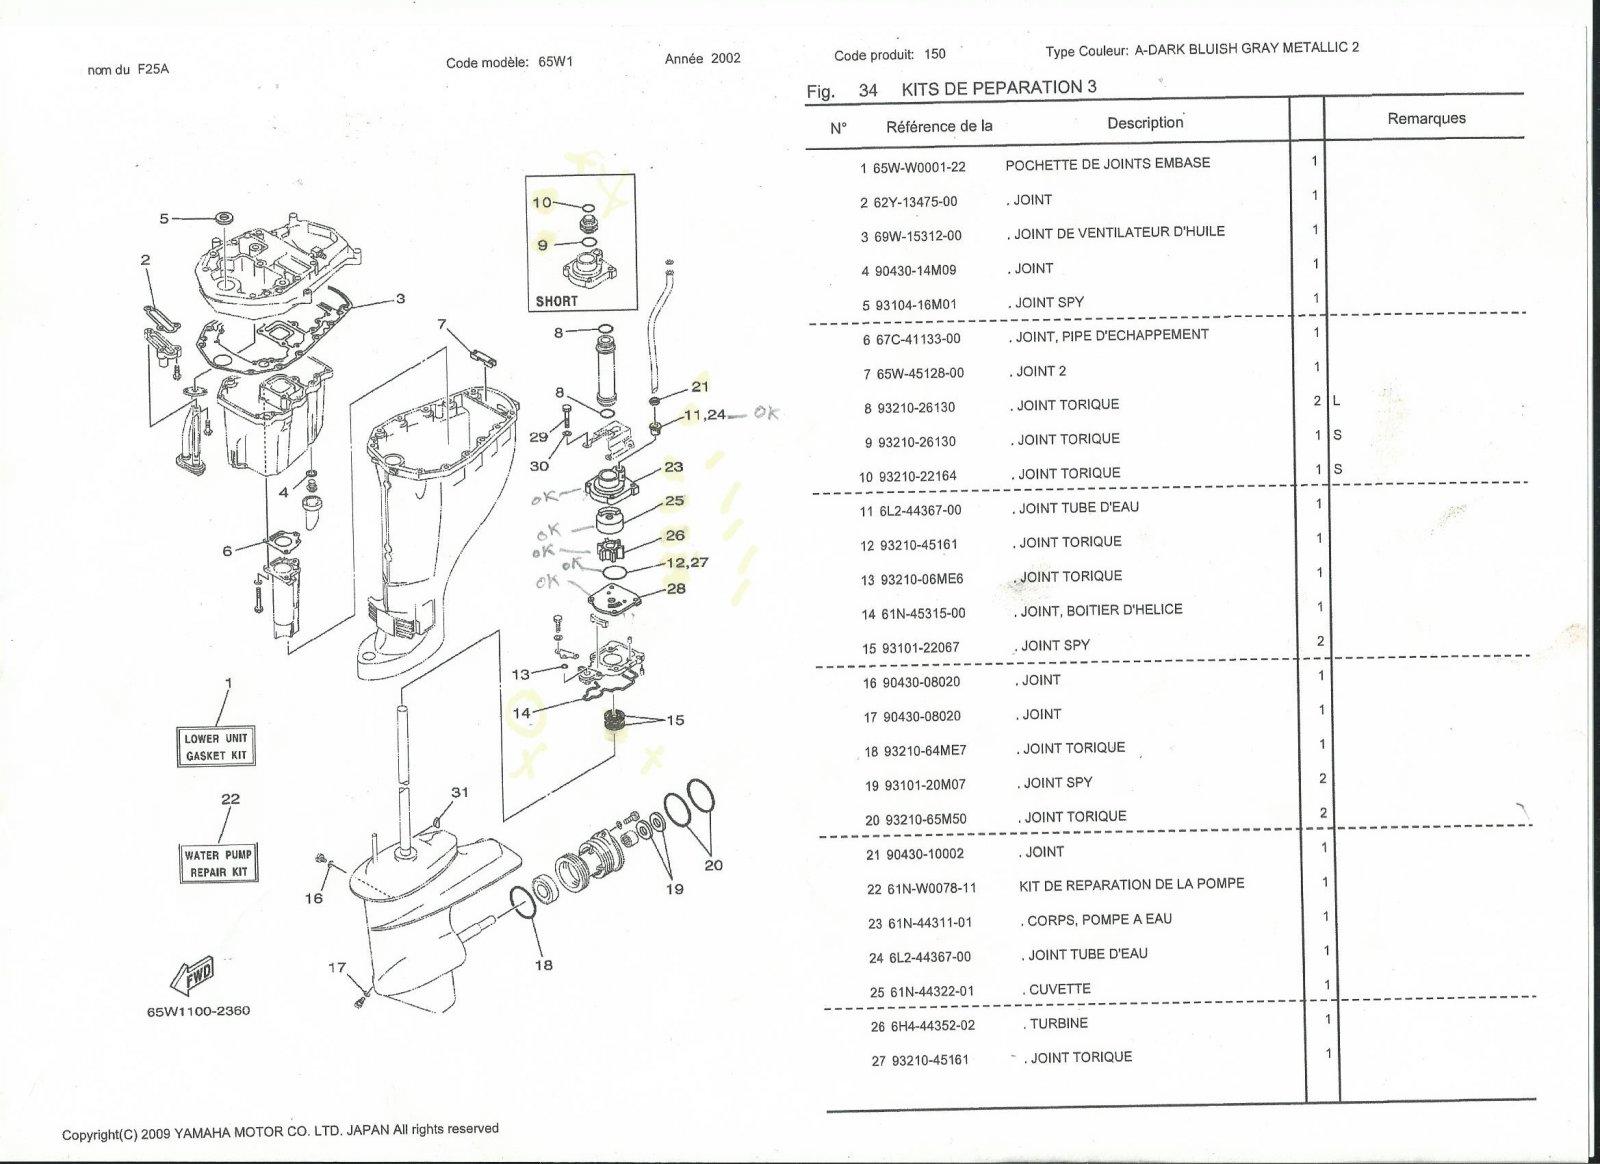 Remonter Joint Spy Neuf F25a Yamaha Hors Bord Mecanique Forum Bateau Forum Auto